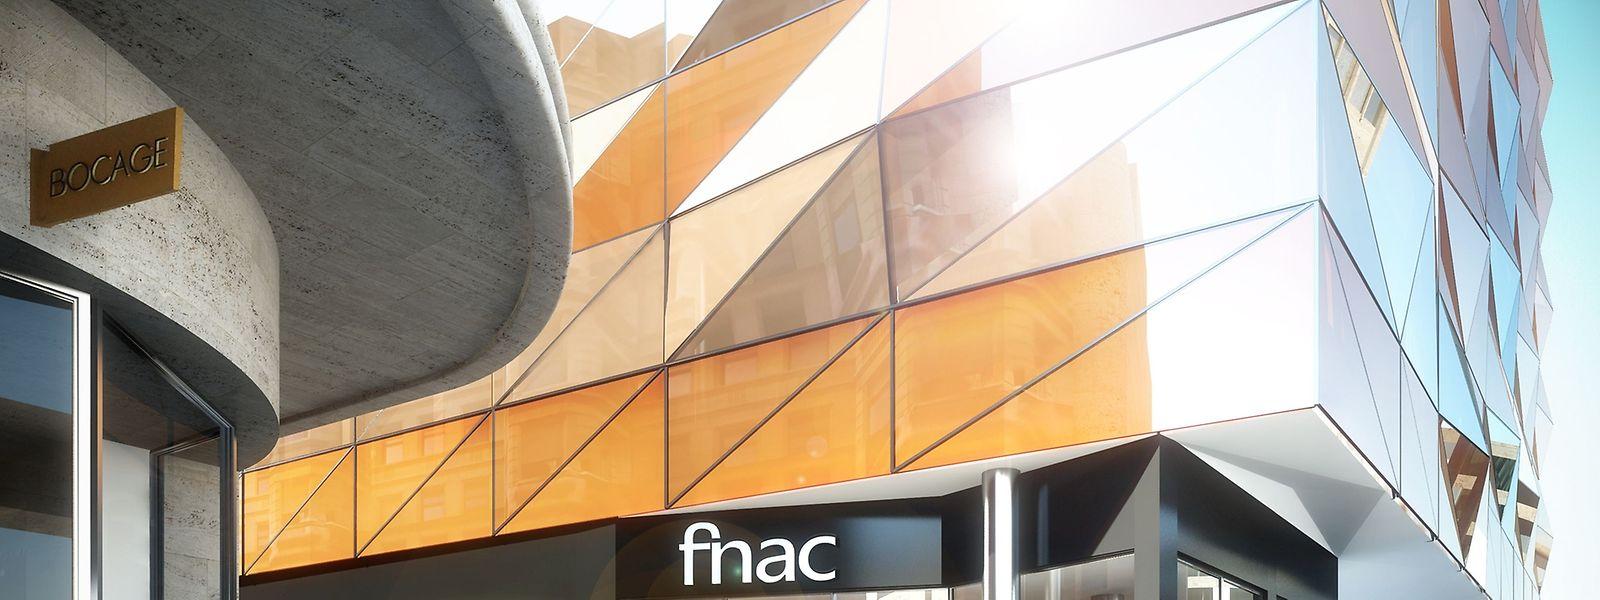 Die Fnac-Gruppe hat lange auf eine Verkaufsfläche in Luxemburg gewartet.